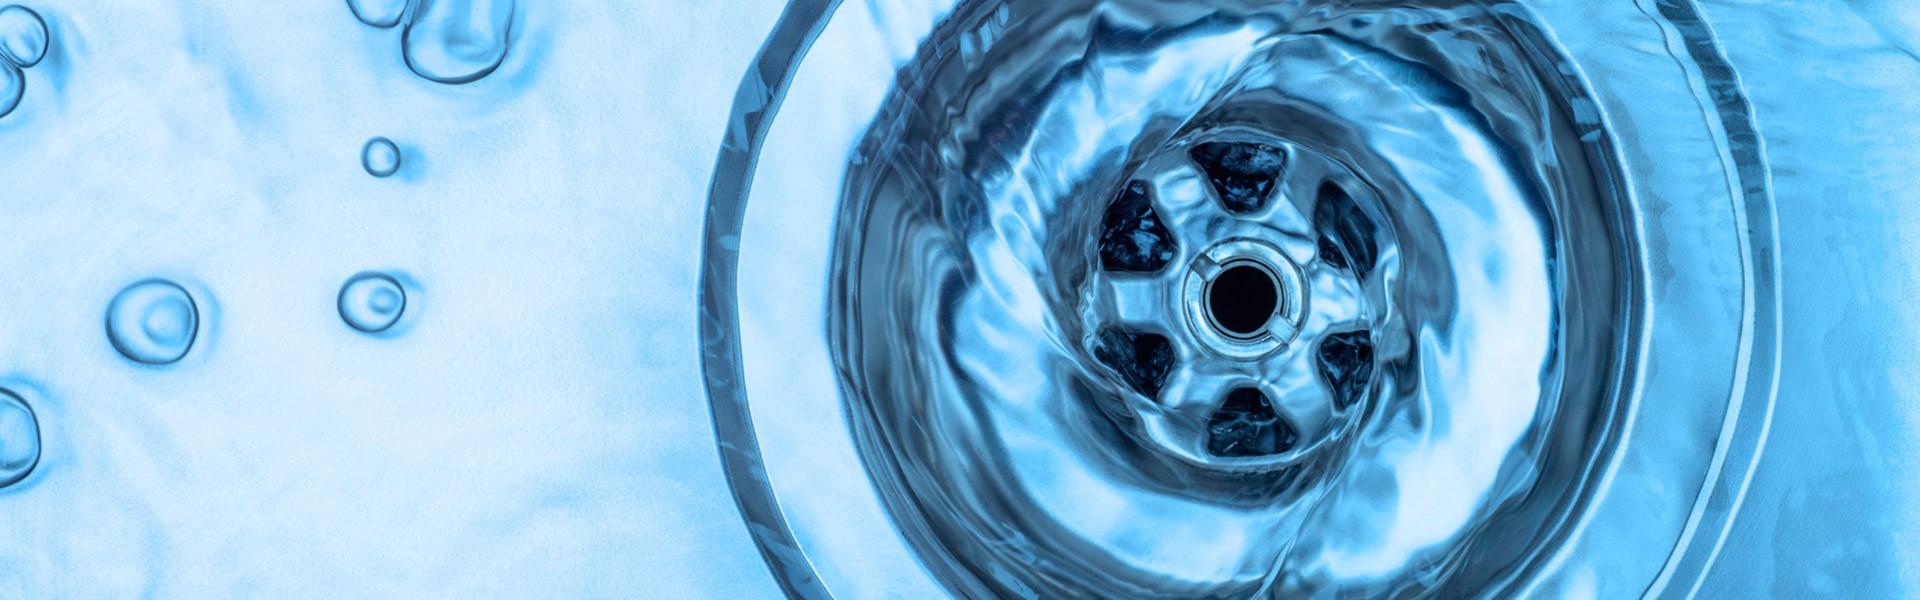 Rohrreinigung Eiba - Wir helfen bei verstopftem Abfluss.